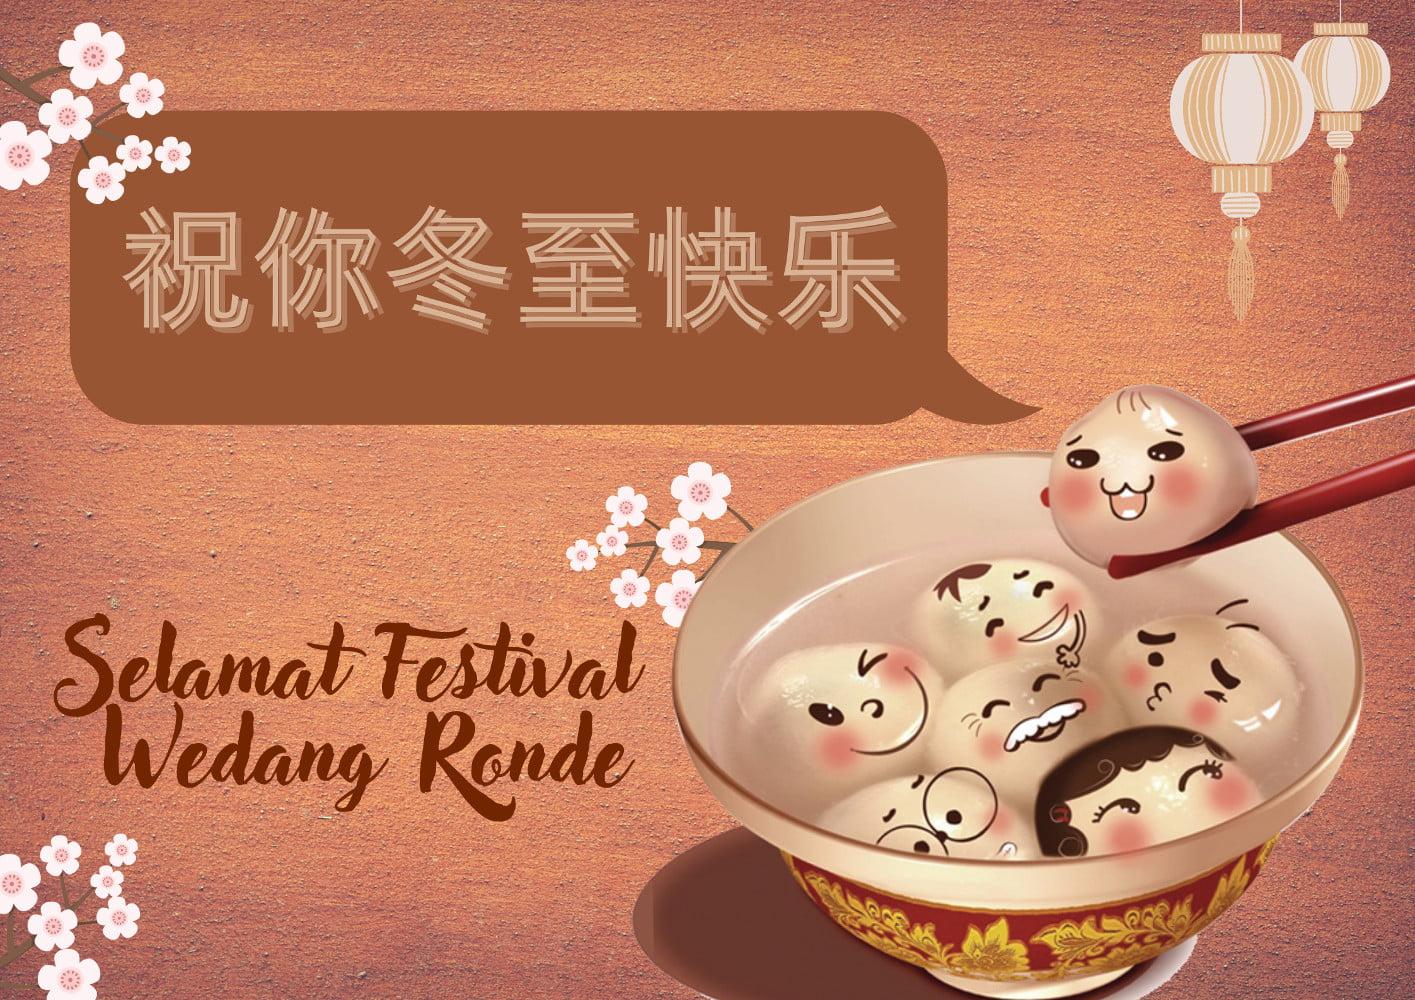 Kumpulan Ucapan Festival Dongzhi Terkini Dalam Bahasa Mandarin